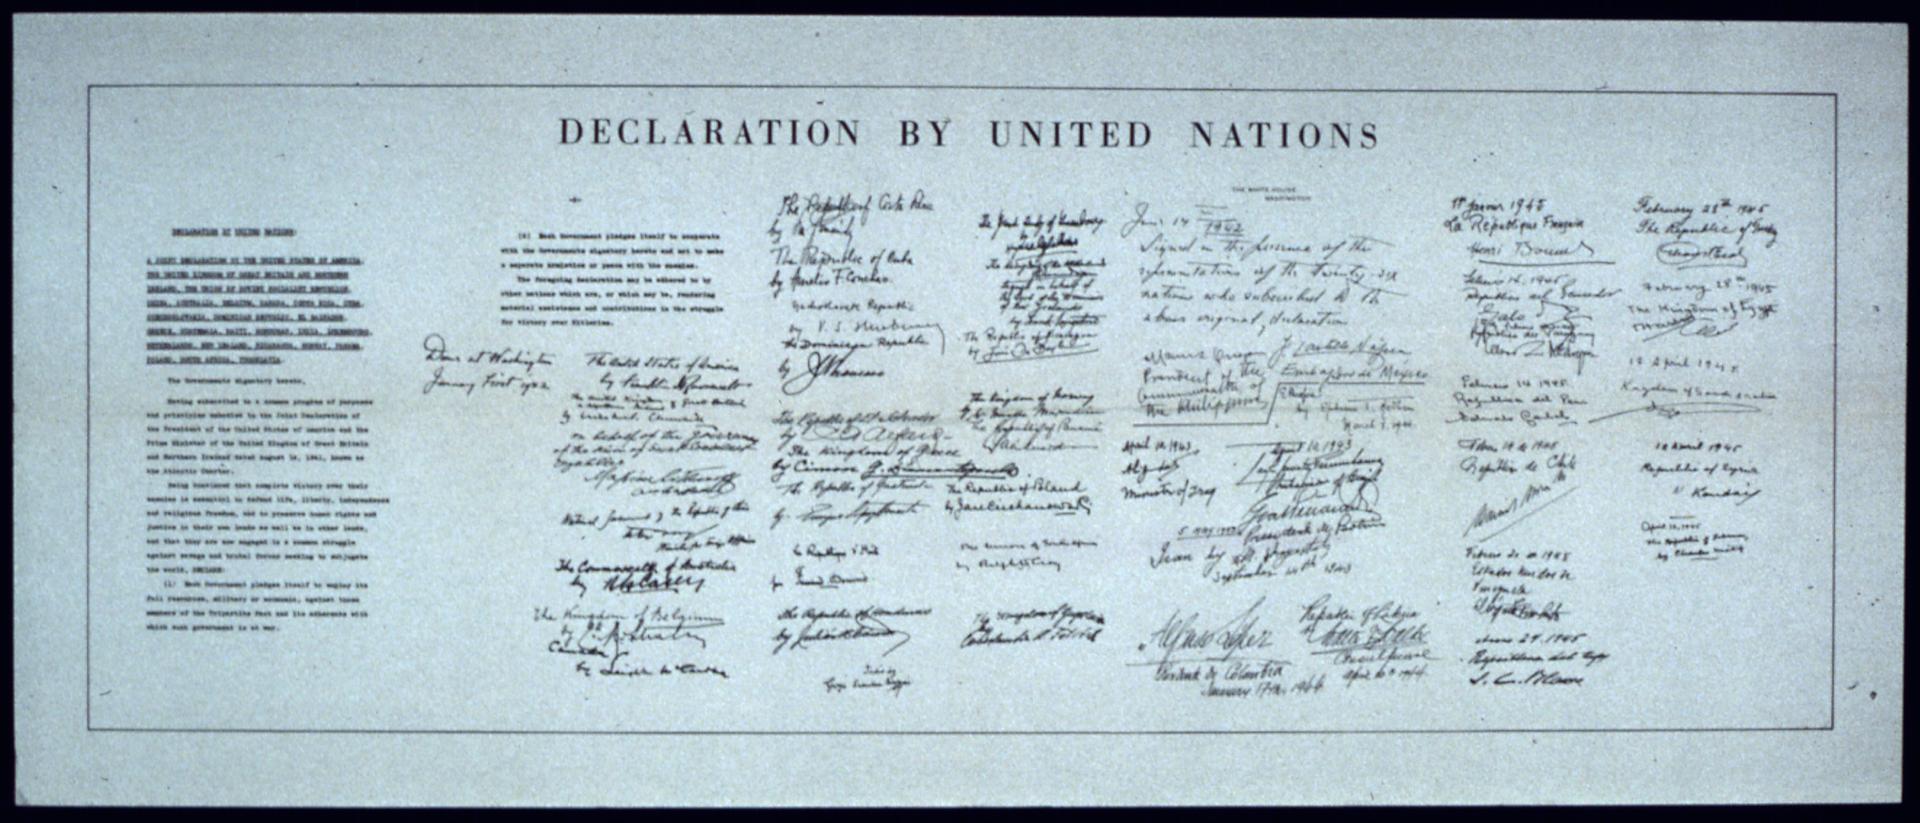 Ilustracja przedstawia duży papierowy dokument. To biało-czarne zdjęcie karty Narodów Zjednoczonych. Na górze dokumenty poziomy napis wjęzyku angielskim: declaration by United Nations. Po lewej stronie treść deklaracji wdwóch kolumnach. Na prawo od treści 26 podpisów wykonanych przez przedstawicieli państw członków założycieli. Podpisy ułożone są w7 kolumnach. Kolumny jedna obok drugiej.